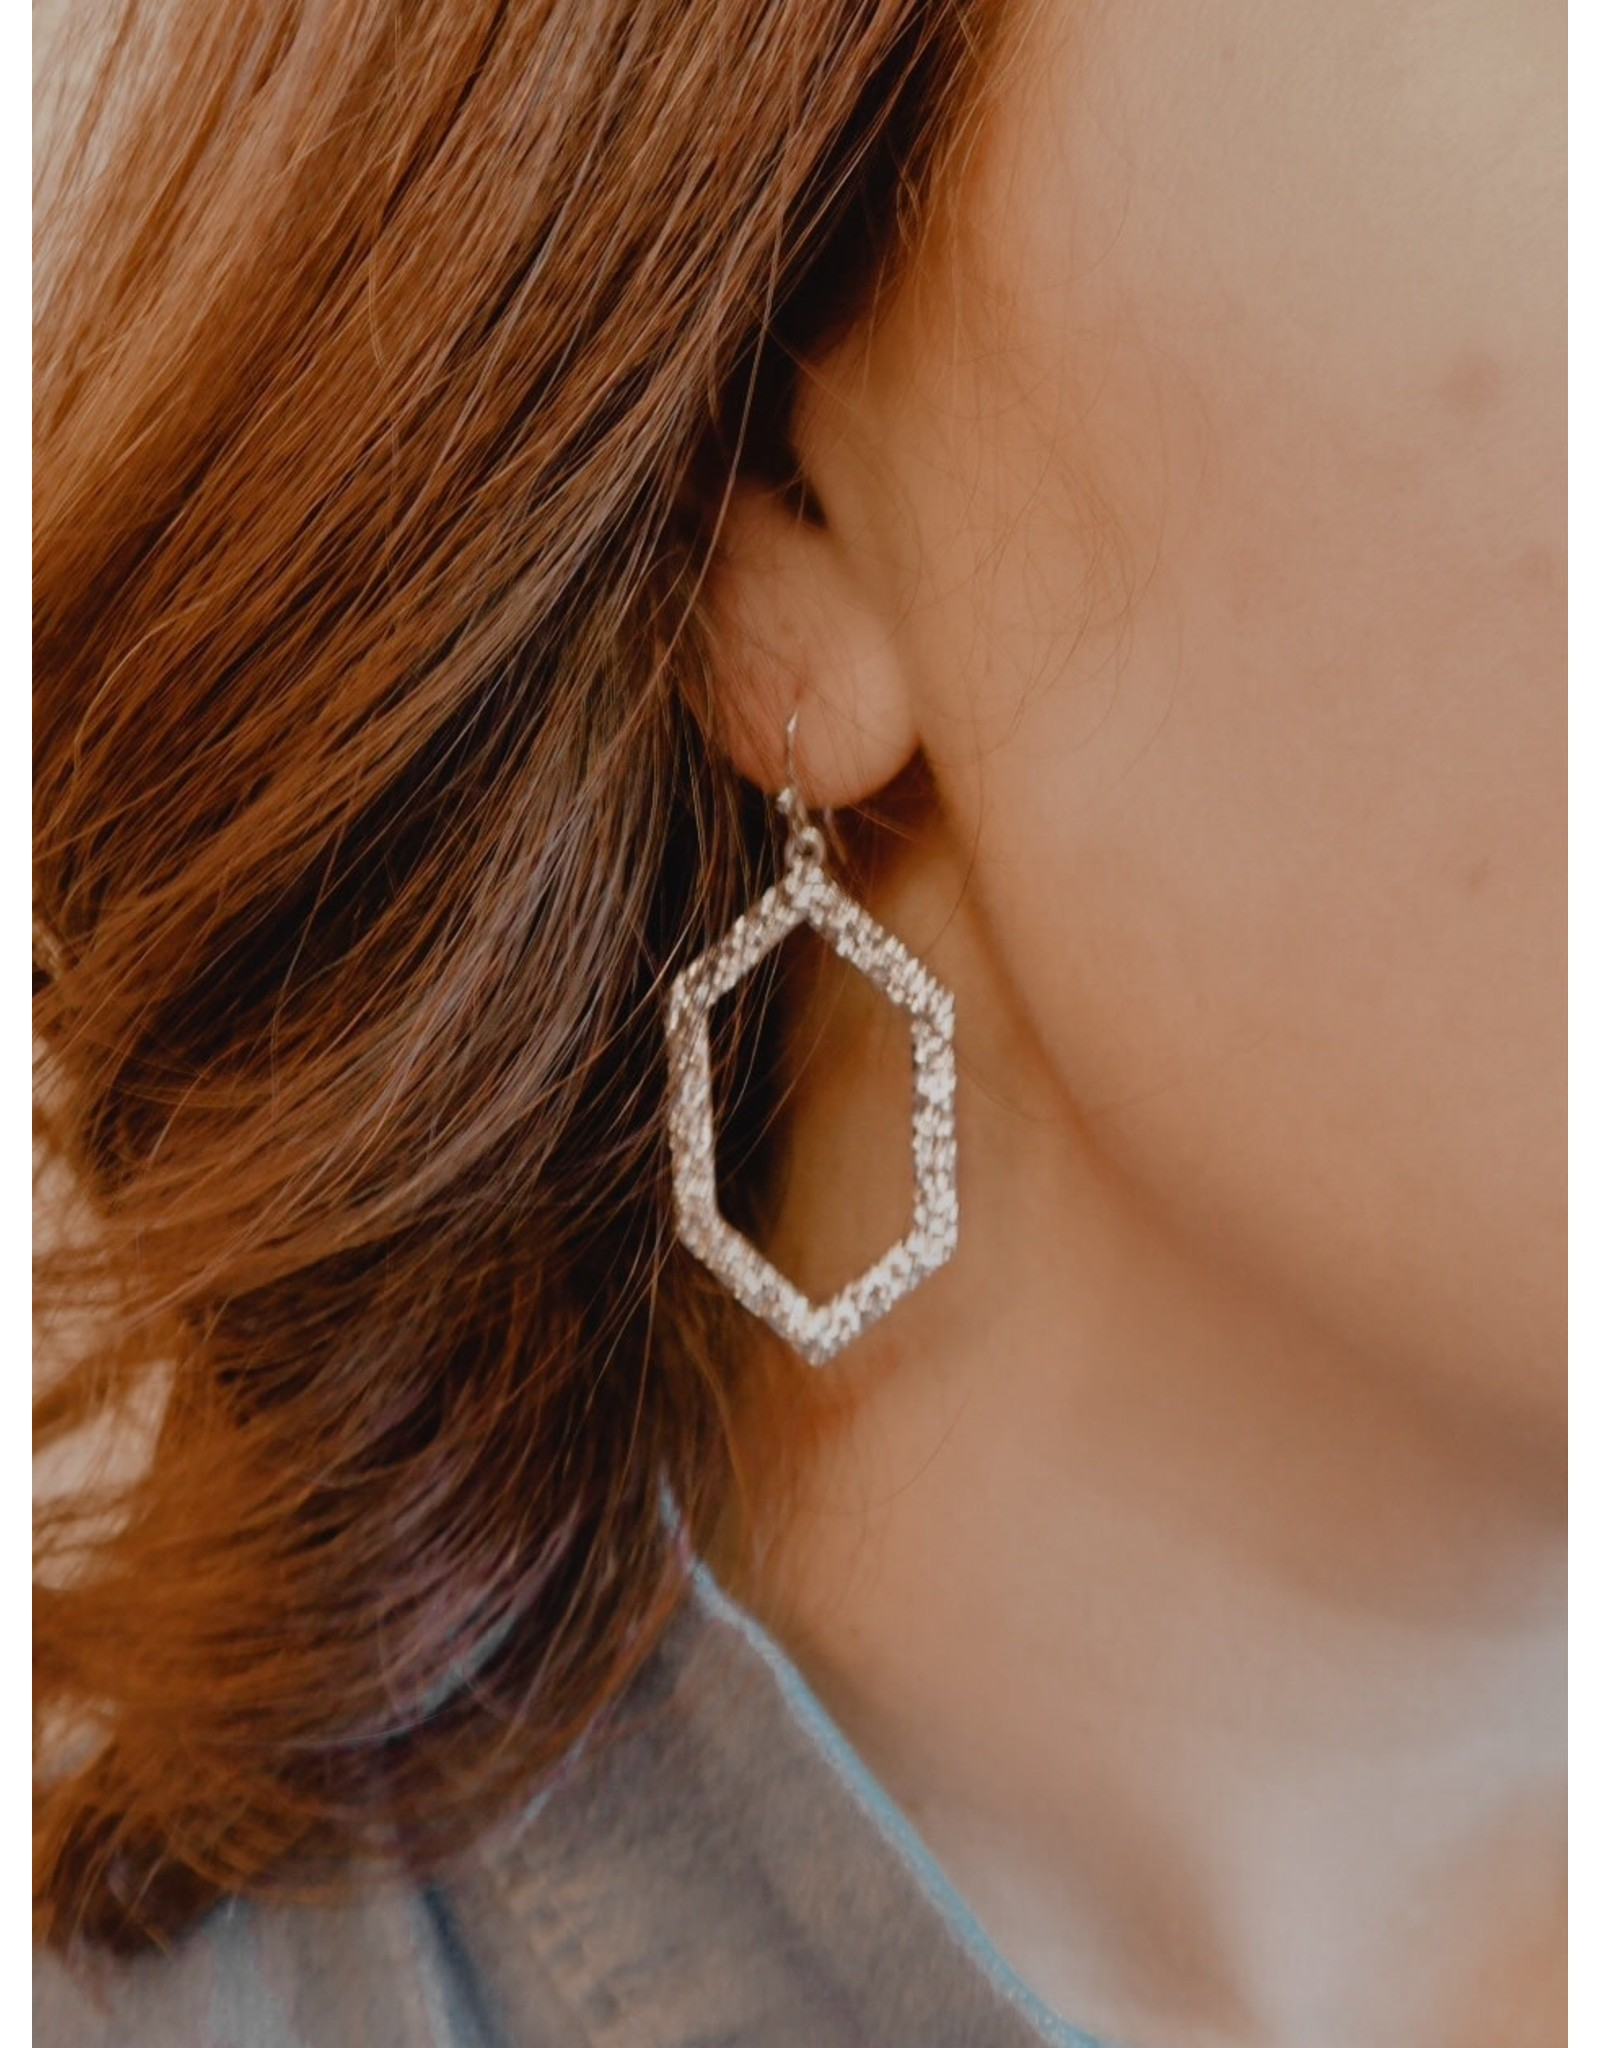 The Ritzy Gypsy GLAM Hexagon Earrings